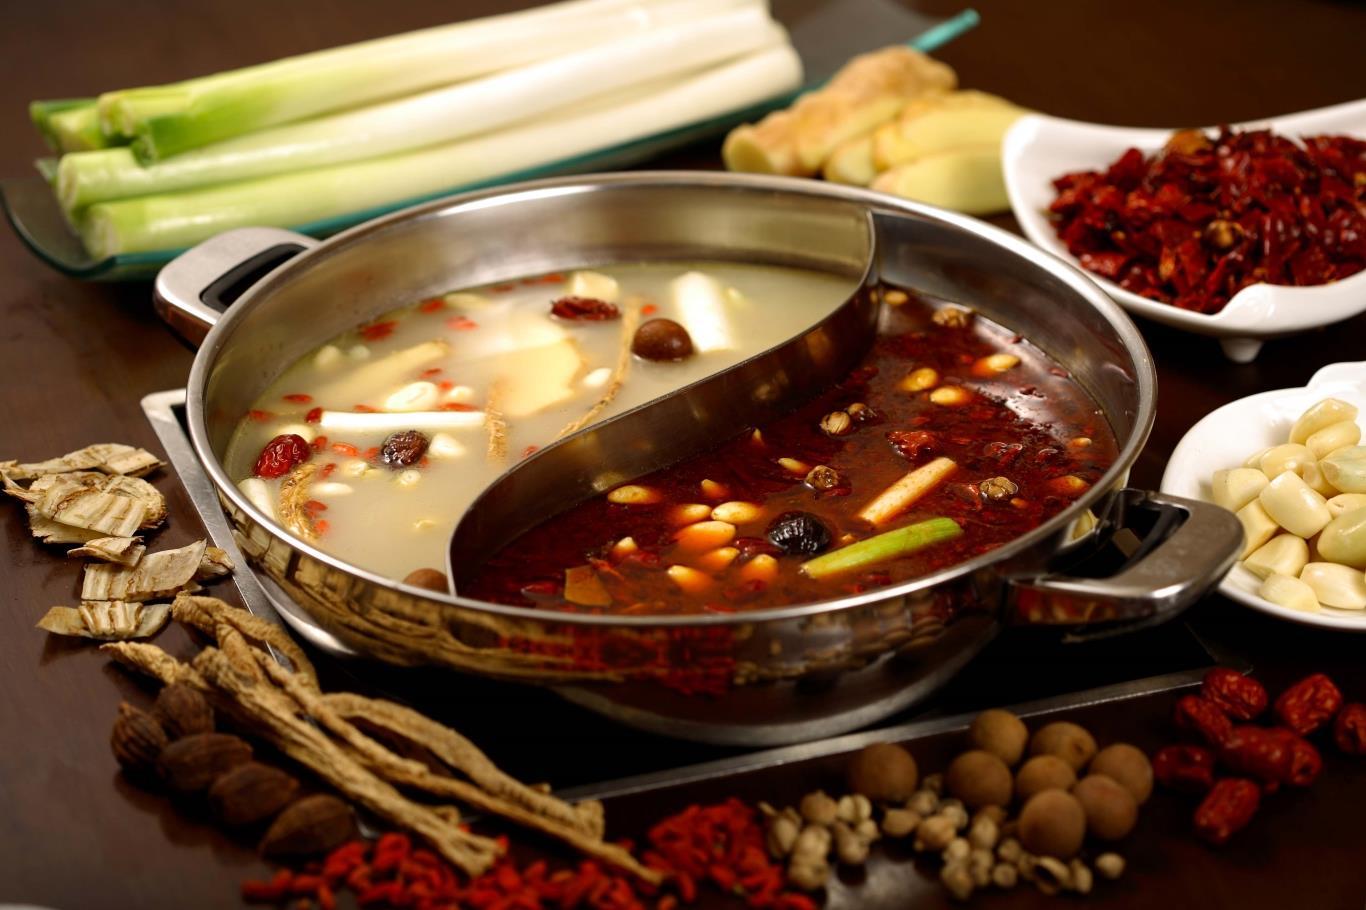 Lẩu cay Tứ Xuyên ra đời vào những năm đầu thế kỷ 20, khi những người công nhân nghèo không có tiền mua thịt. Cuối cùng, họ sử dụng những phần thịt lợn thừa rẻ tiền, nấu trong nước lẩu rất cay để át đi mùi vị của thịt. Món ăn giờ đây không chỉ dành cho giới bình dần mà đã được nâng cấp với nhiều nguyên liệu, phục vụ cho đông đảo tầng lớp và trở nên nổi tiếng trên thế giới. Tứ Xuyên cũng là một trong 4 tỉnh nổi tiếng với các món cay ở Trung Quốc.